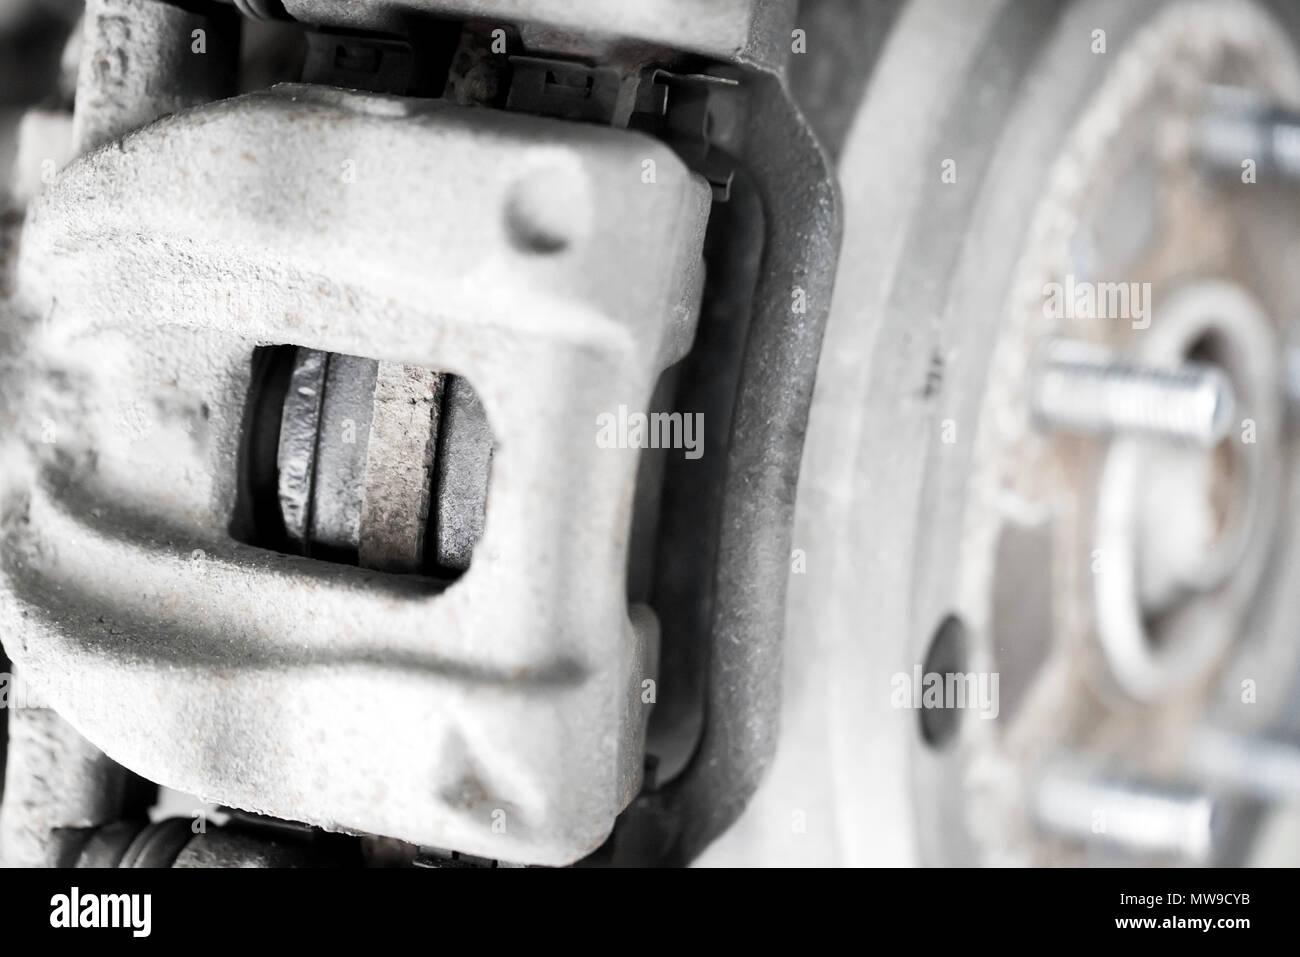 Car caliper and wheel hub close - Stock Image